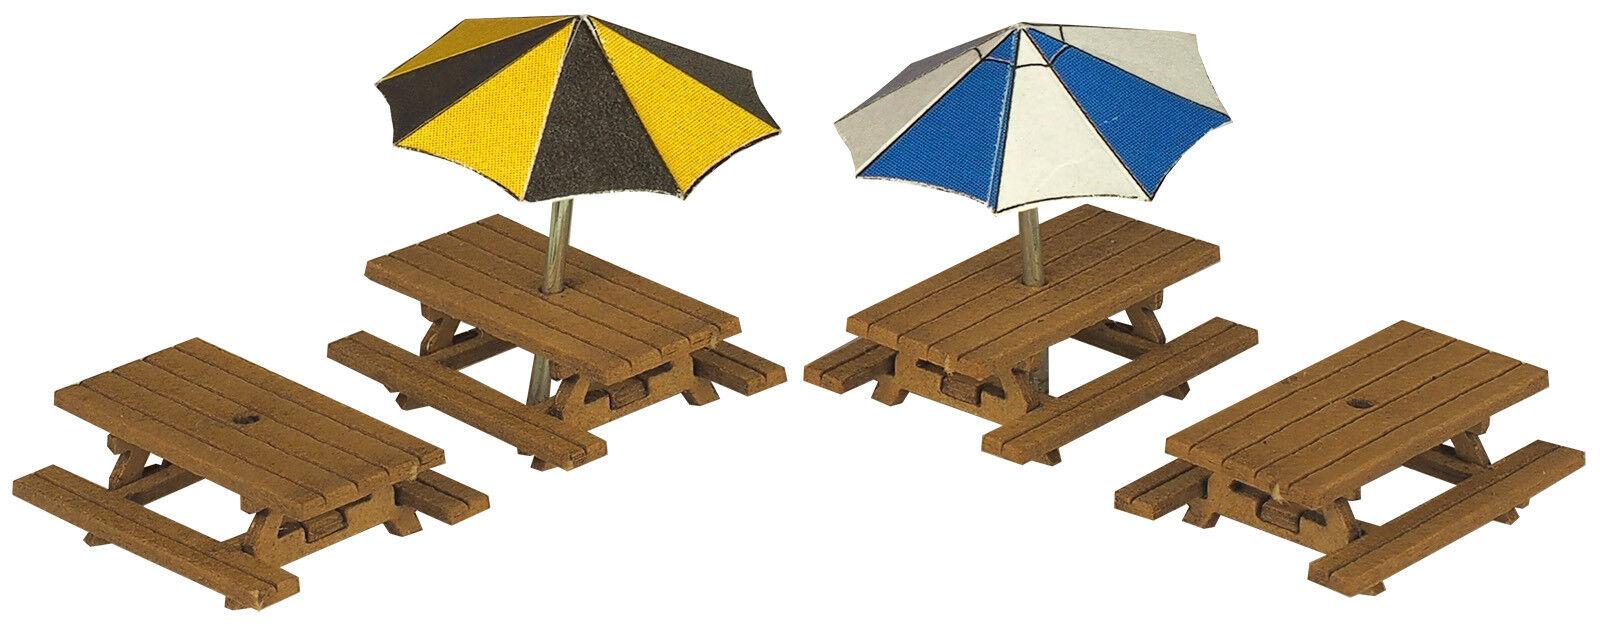 ESCALA N Picnic Tables Tables Tables - Metcalfe pn810-F1 e84cb9